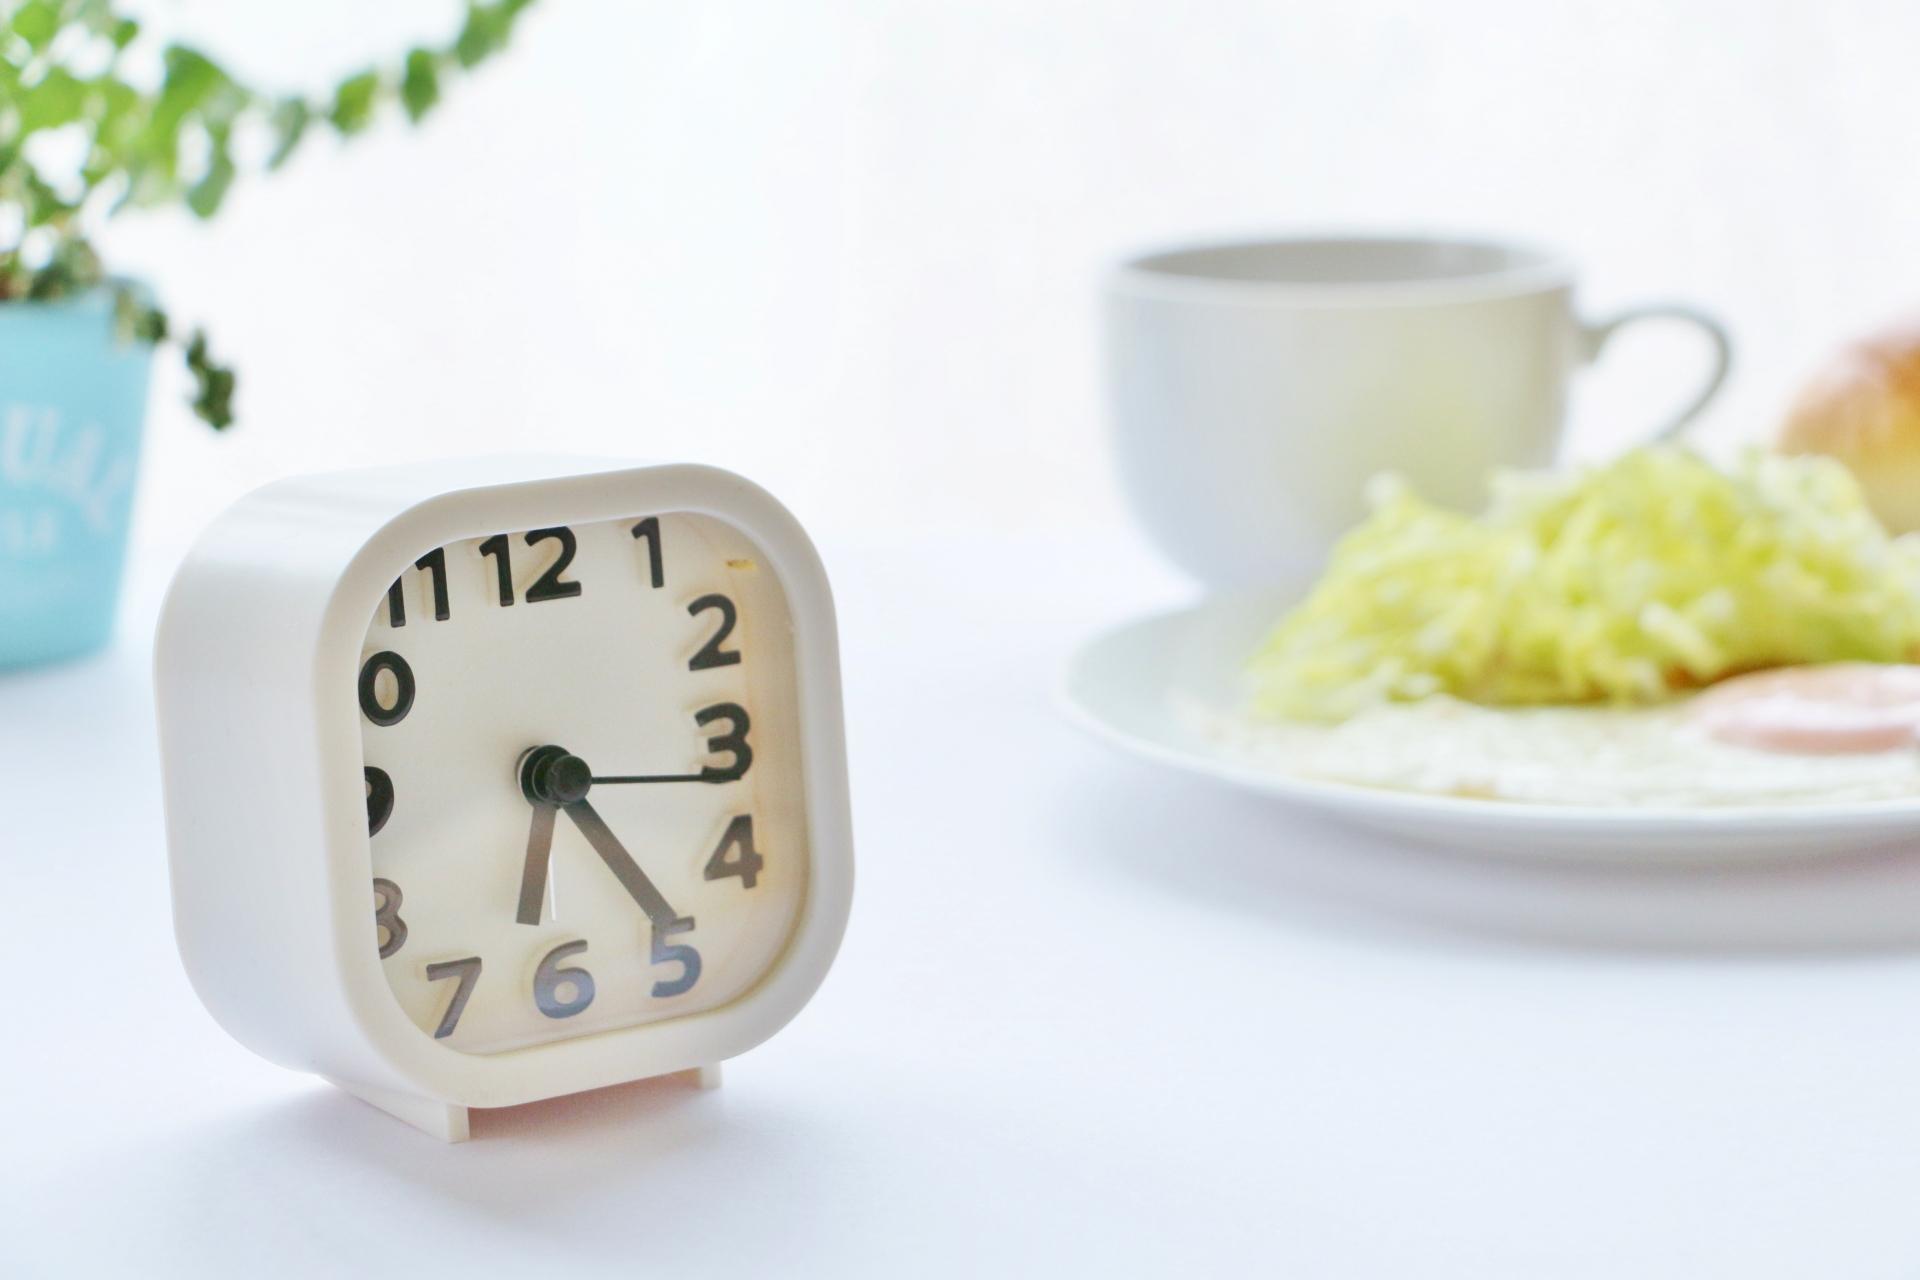 時差Bizで特典がある路線まとめ~朝の通勤であなたもお得に!